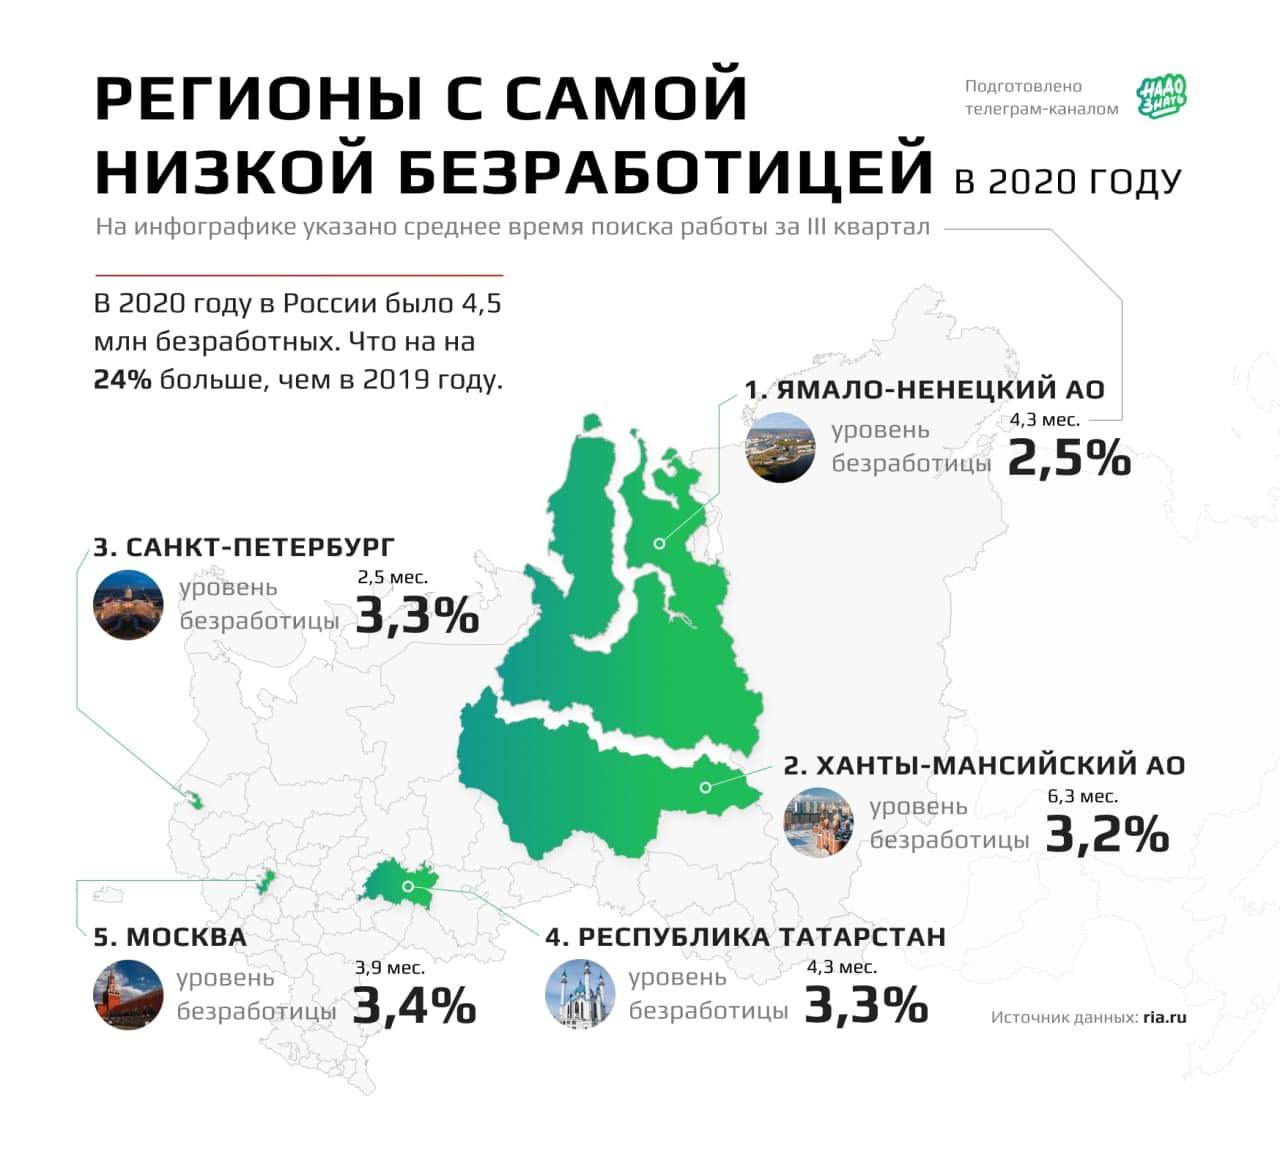 Регионы с самой низкой безработицей